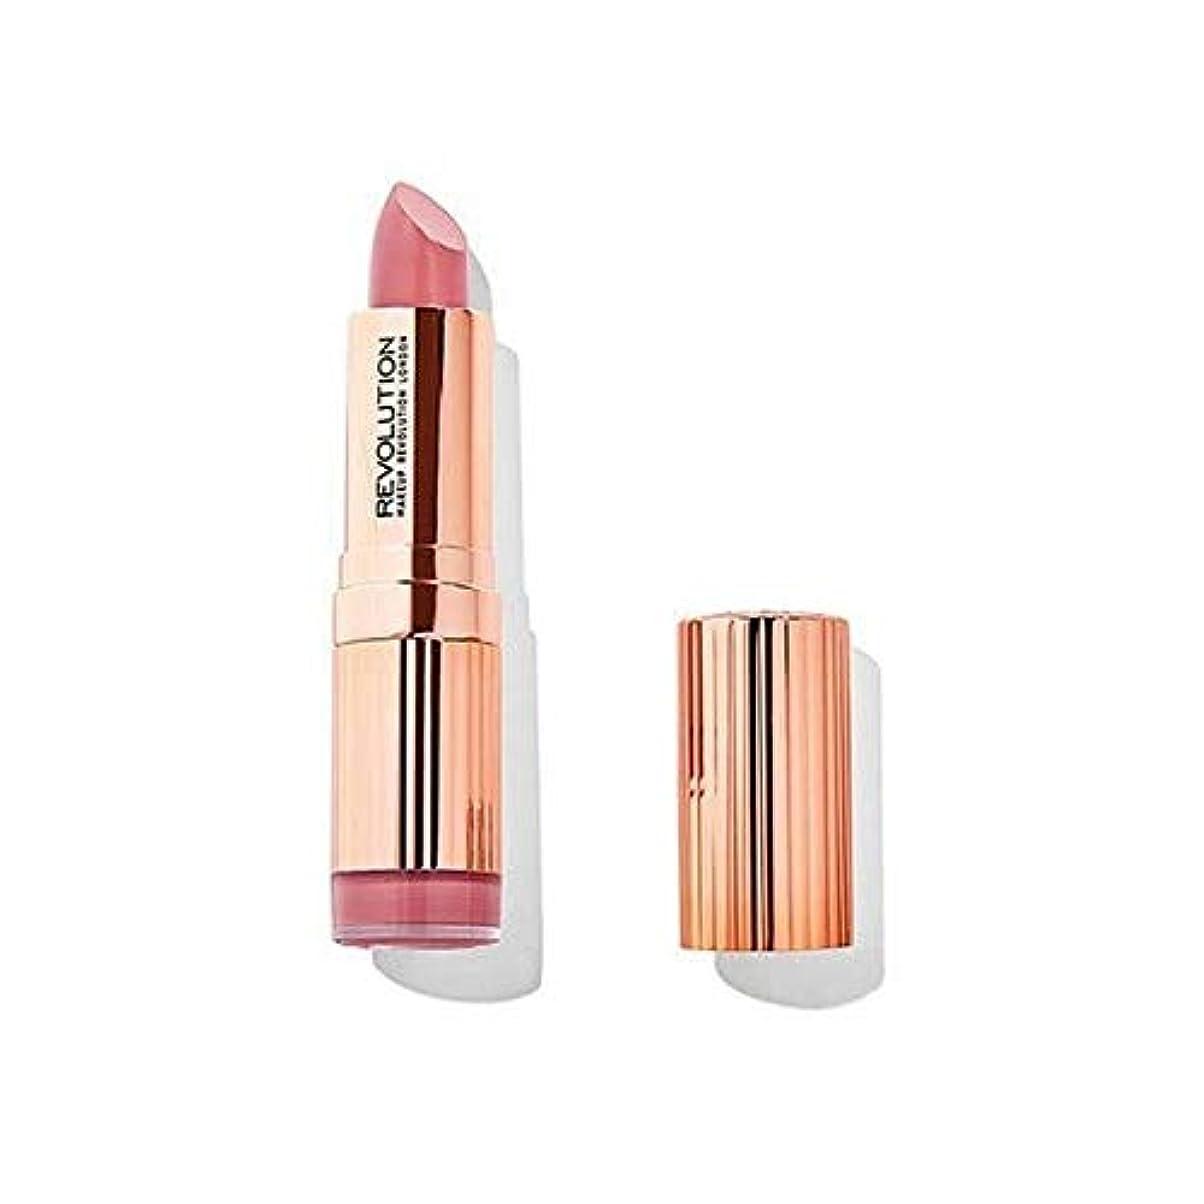 伝記飢えた破壊的[Revolution ] ブレンド革命のルネサンス口紅 - Revolution Renaissance Lipstick Blended [並行輸入品]